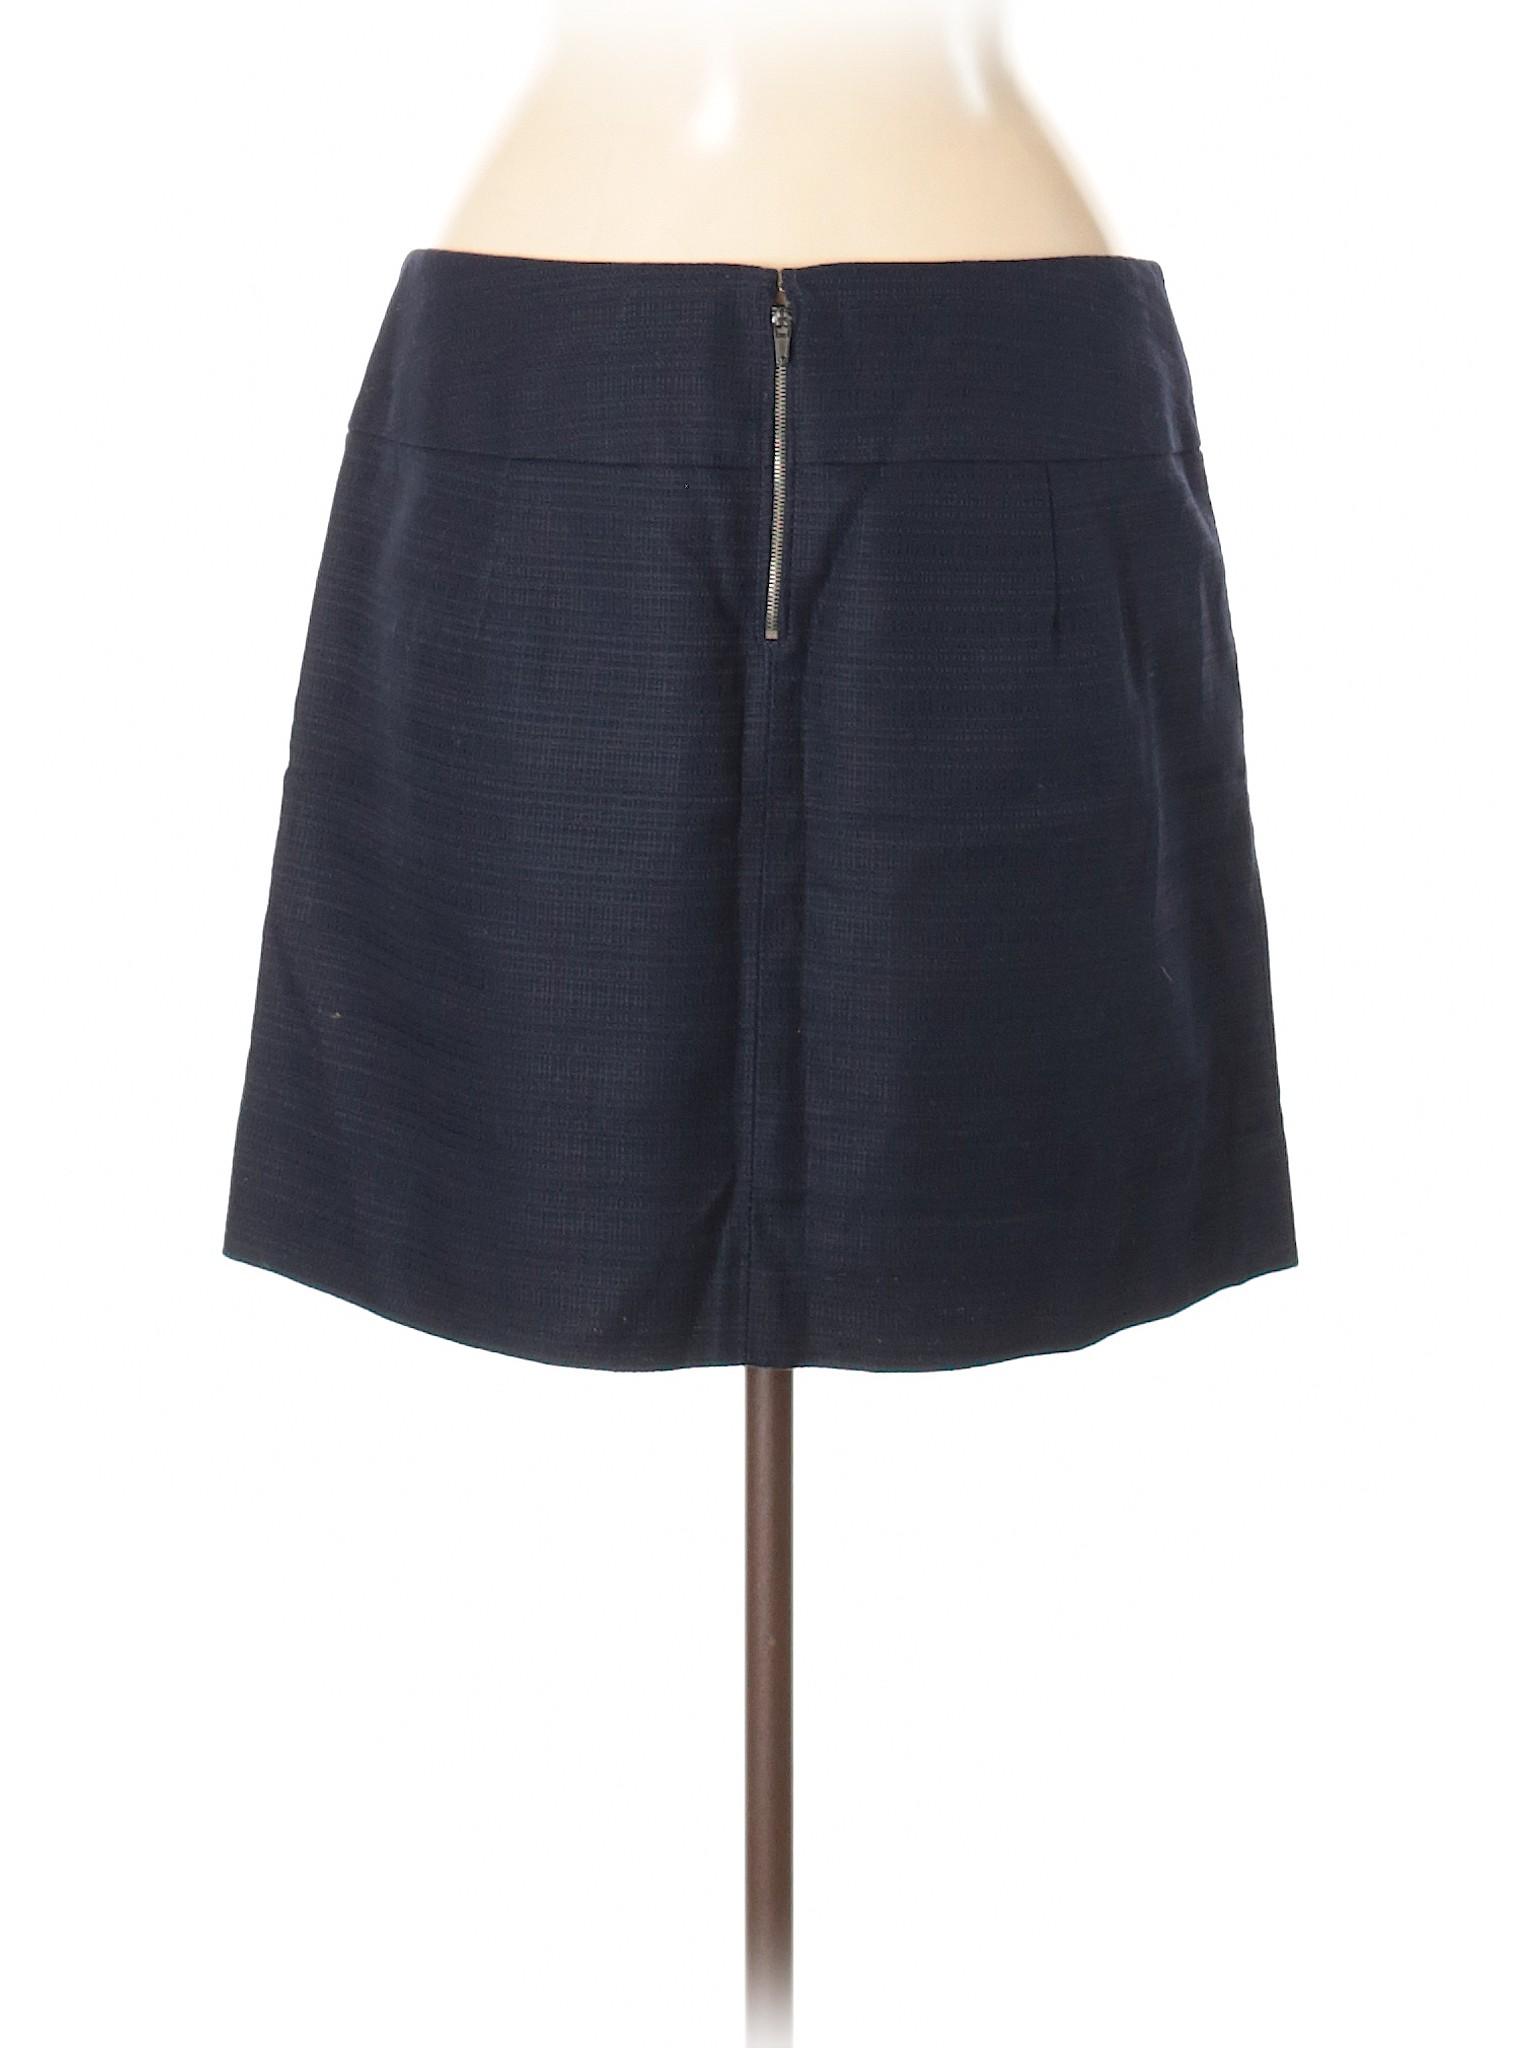 Casual Skirt Boutique Casual Boutique Skirt Casual Boutique HqYwxEn65